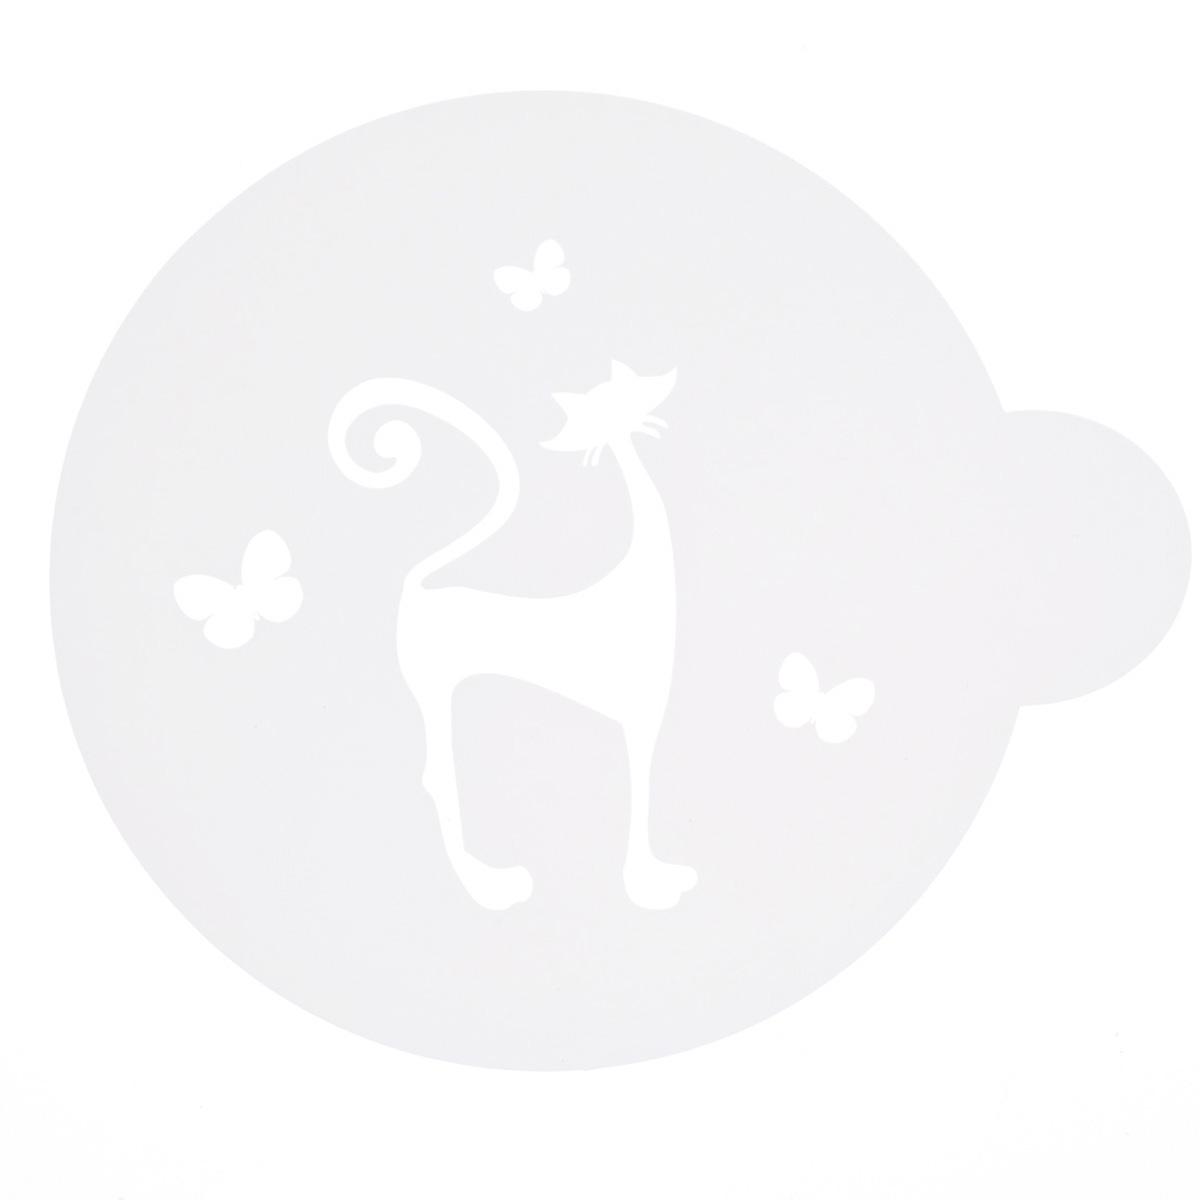 Трафарет на кофе и десерты Леденцовая фабрика Кошечка и бабочки, диаметр 10 смТ09Трафарет представляет собой пластину с прорезями, через которые пищевая краска (сахарная пудра, какао, шоколад, сливки, корица, дробленый орех) наносится на поверхность кофе, молочных коктейлей, десертов. Трафарет изготовлен из матового пищевого пластика 250 мкм и пригоден для контакта с пищевыми продуктами. Трафарет многоразовый. Побалуйте себя и ваших близких красиво оформленным кофе.